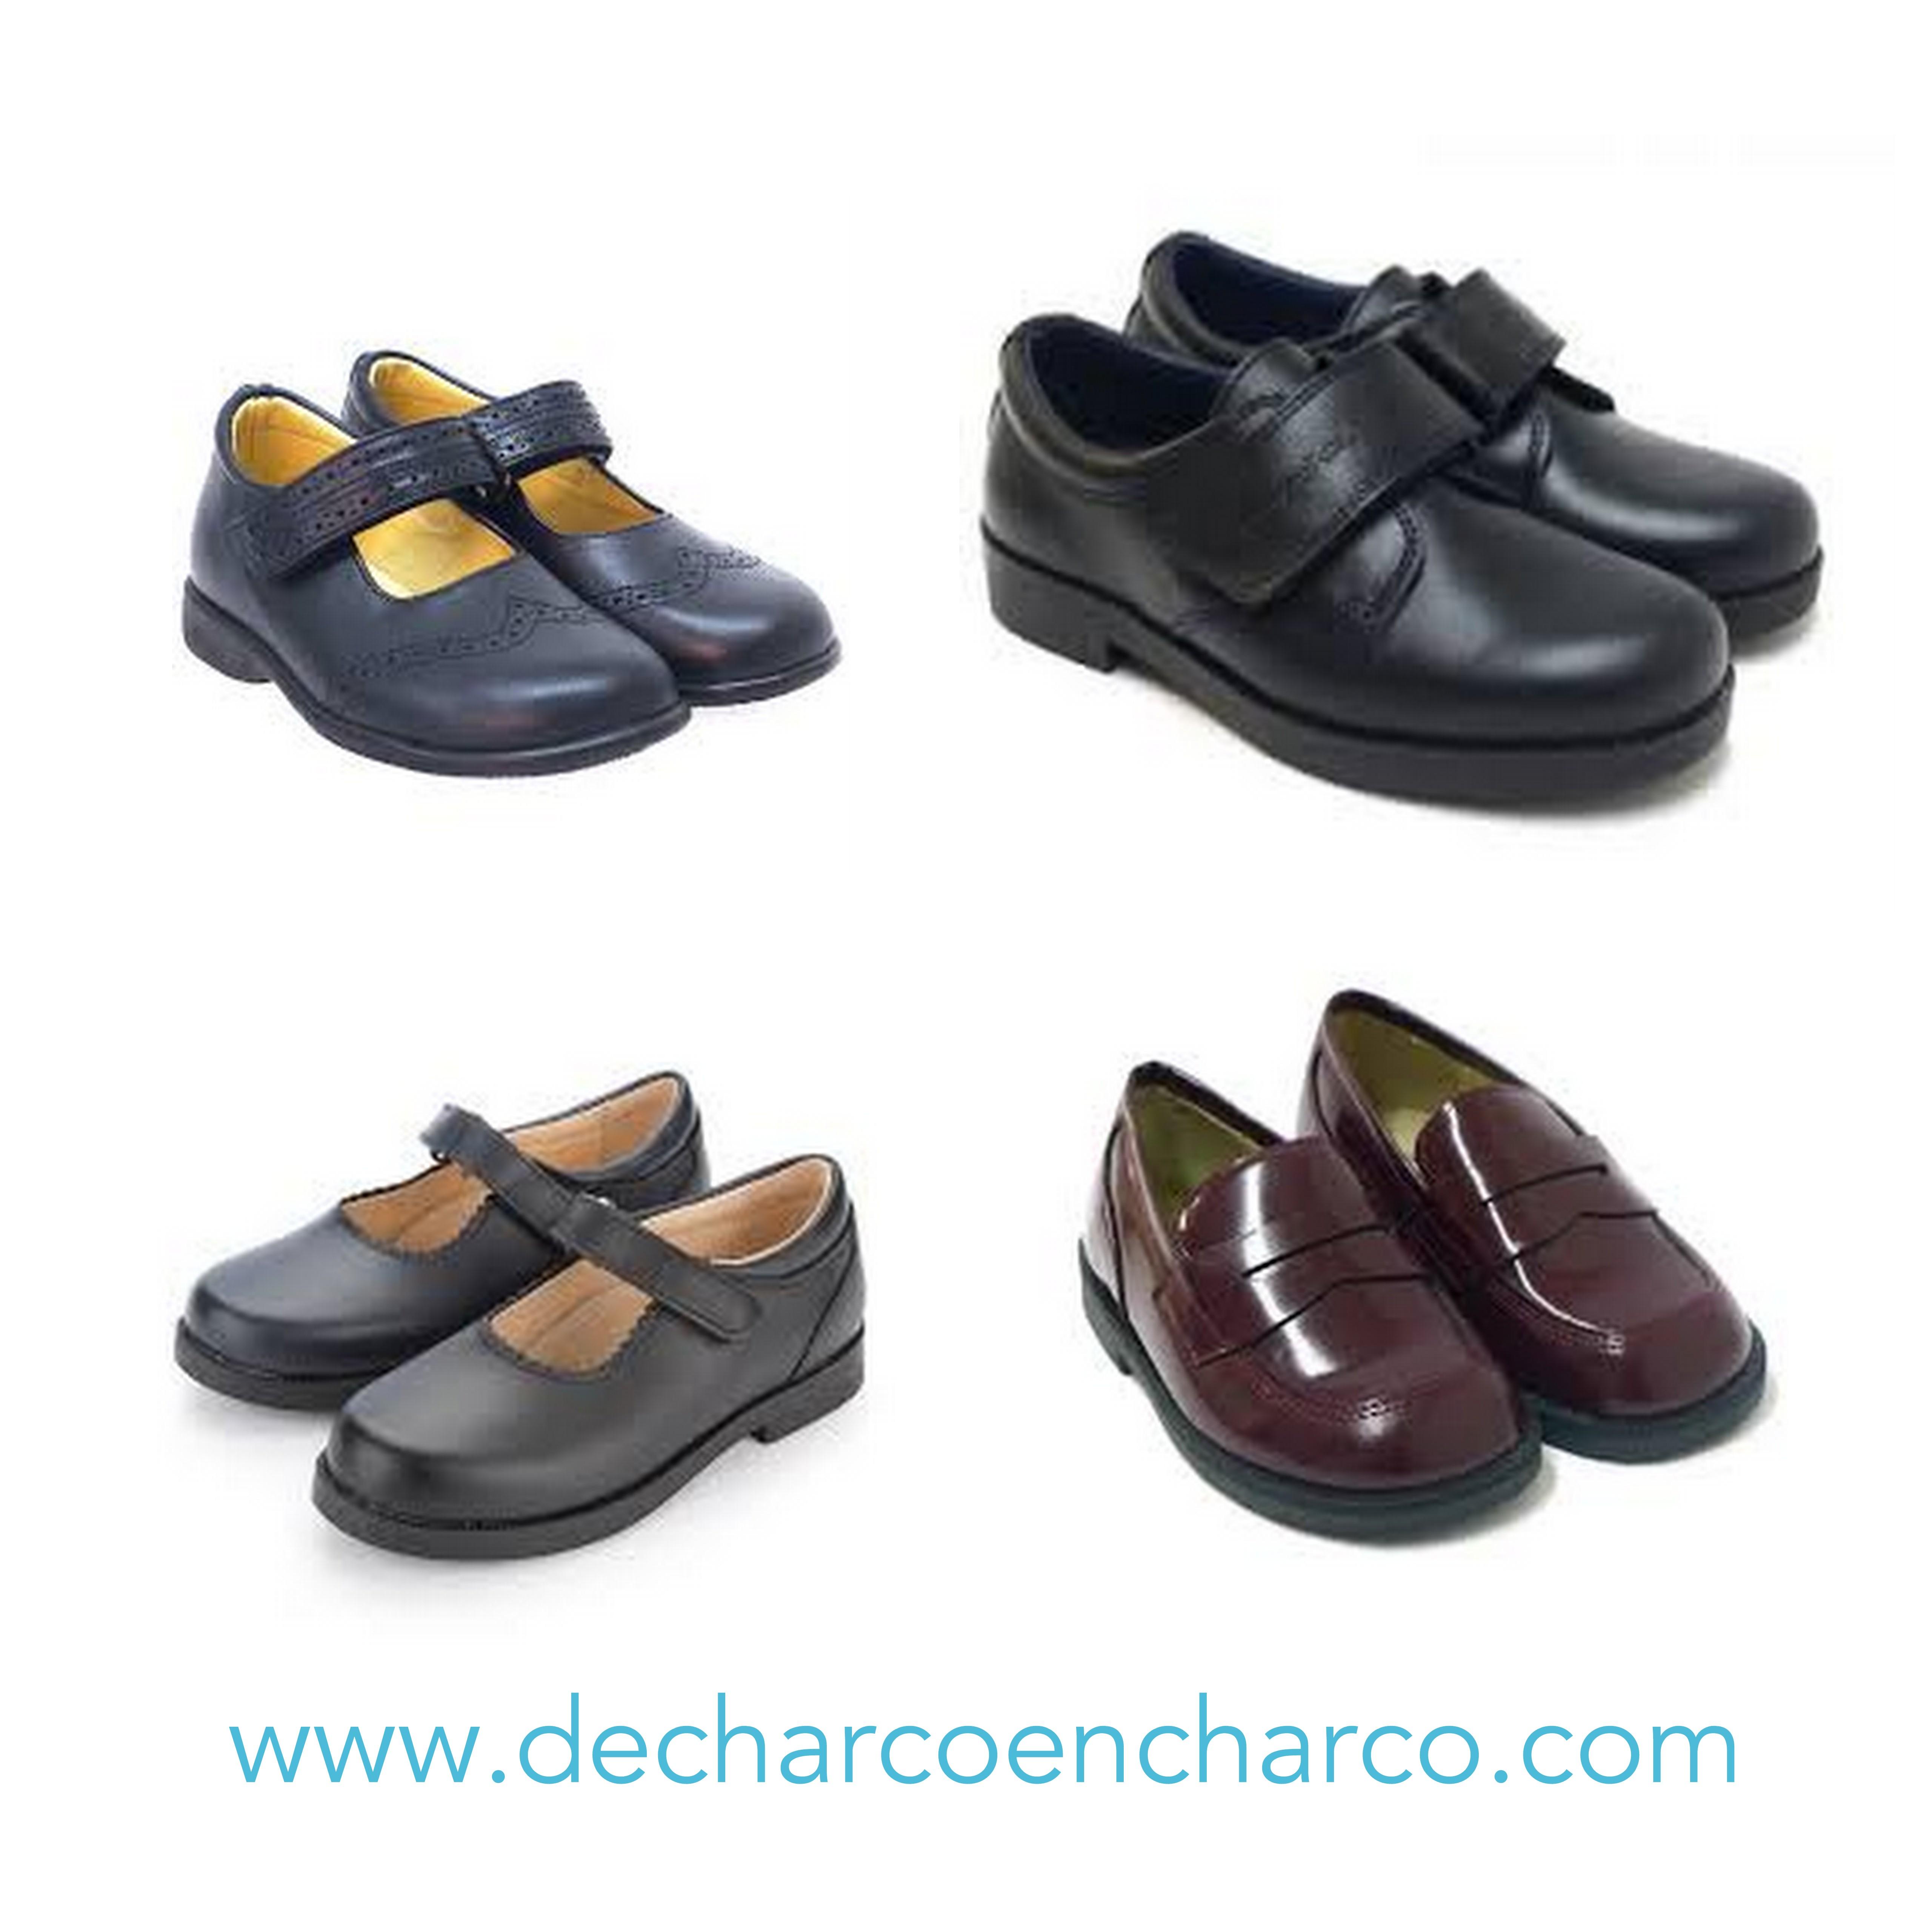 292230e3 Consejos para elegir el calzado en la vuelta al cole de los niños ...